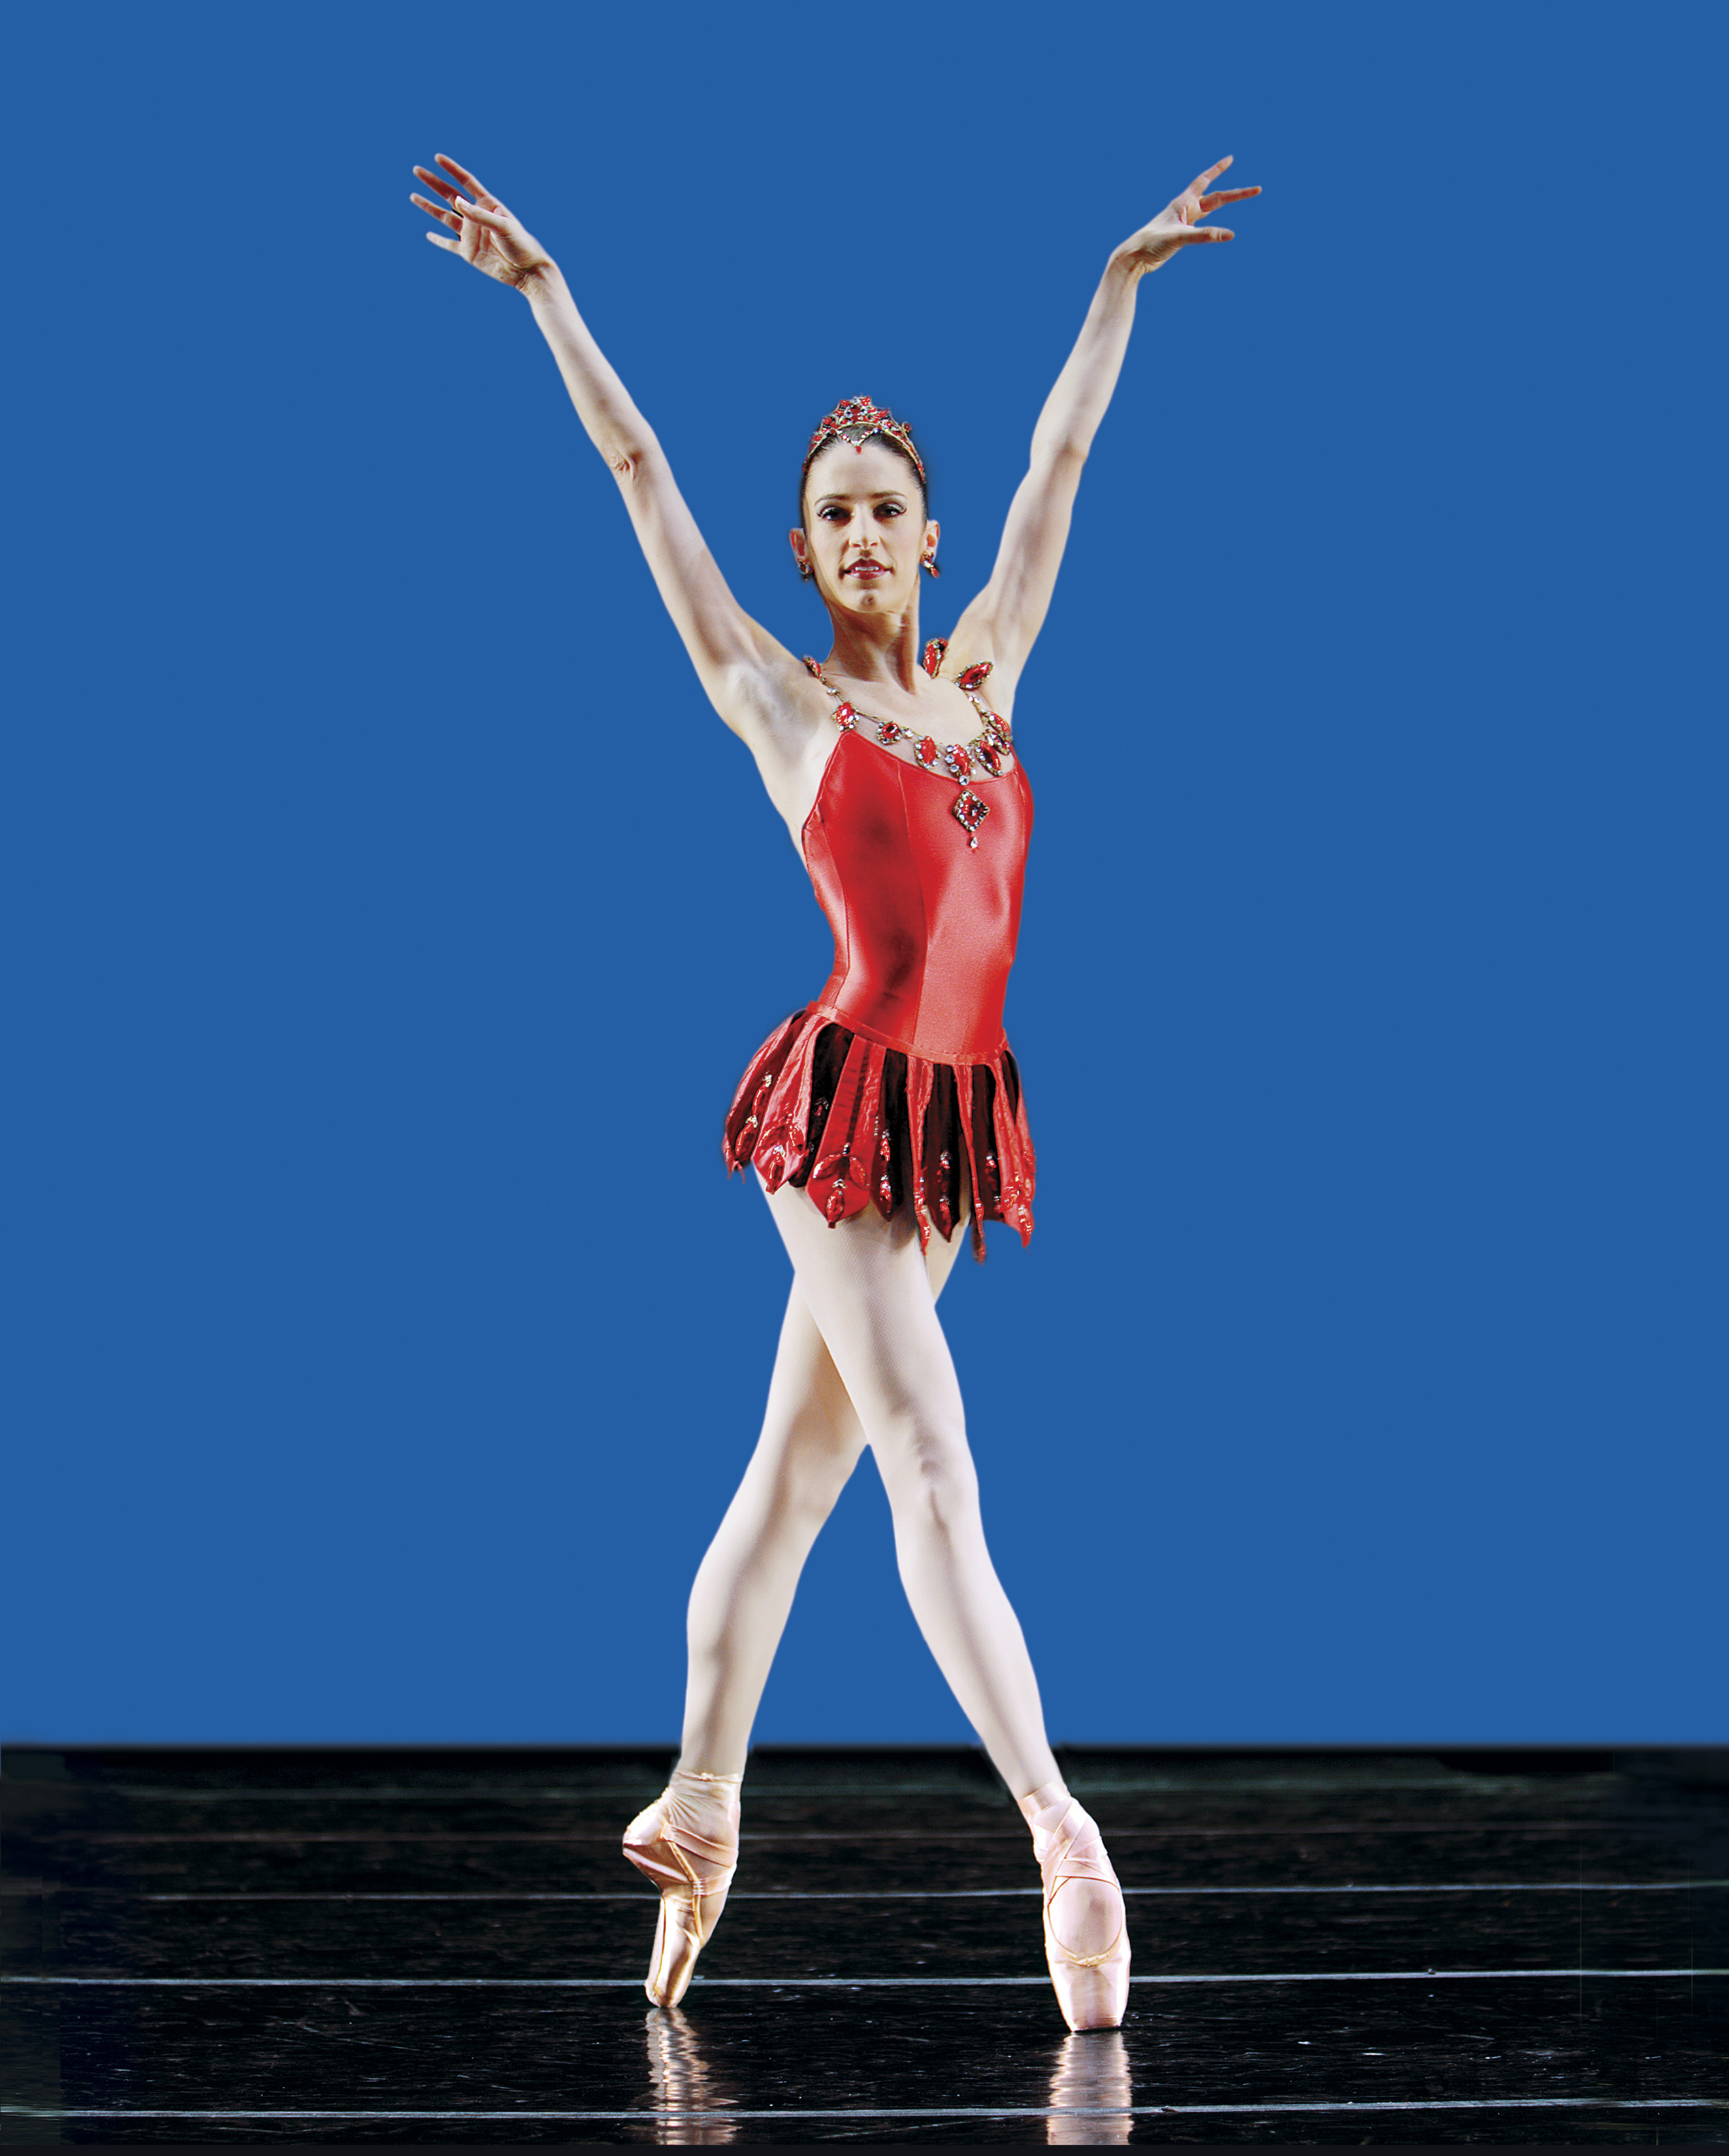 dancer in red leotard on pointe